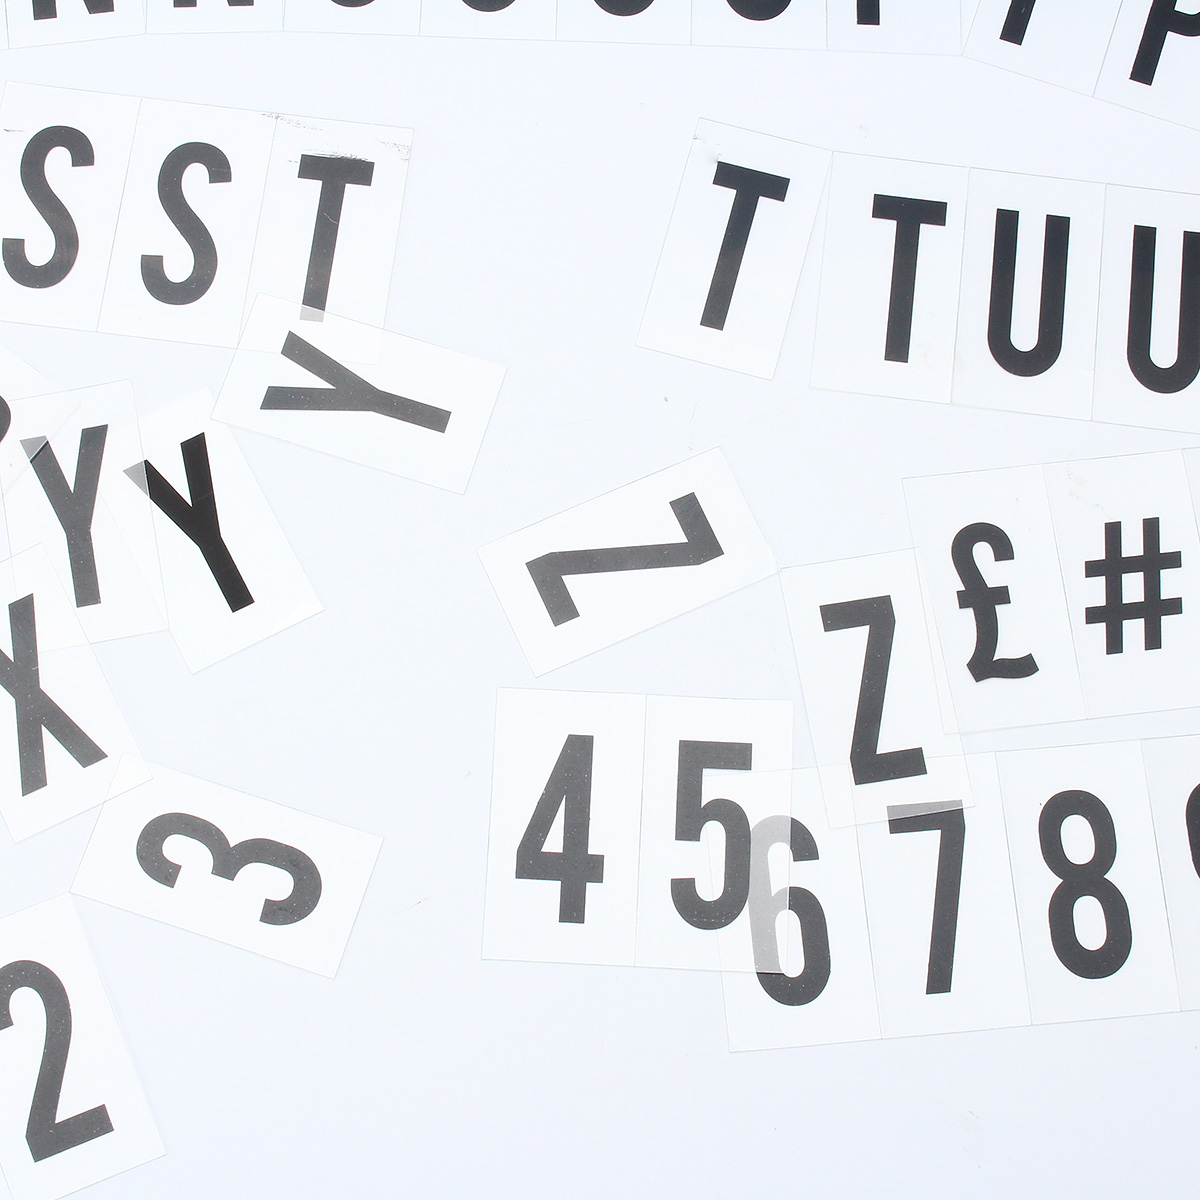 104 шт., кинематографический светильник, коробка с черными буквами, знак A4, сменные буквы, цифры, знаки, черный светильник, коробка для сообщений